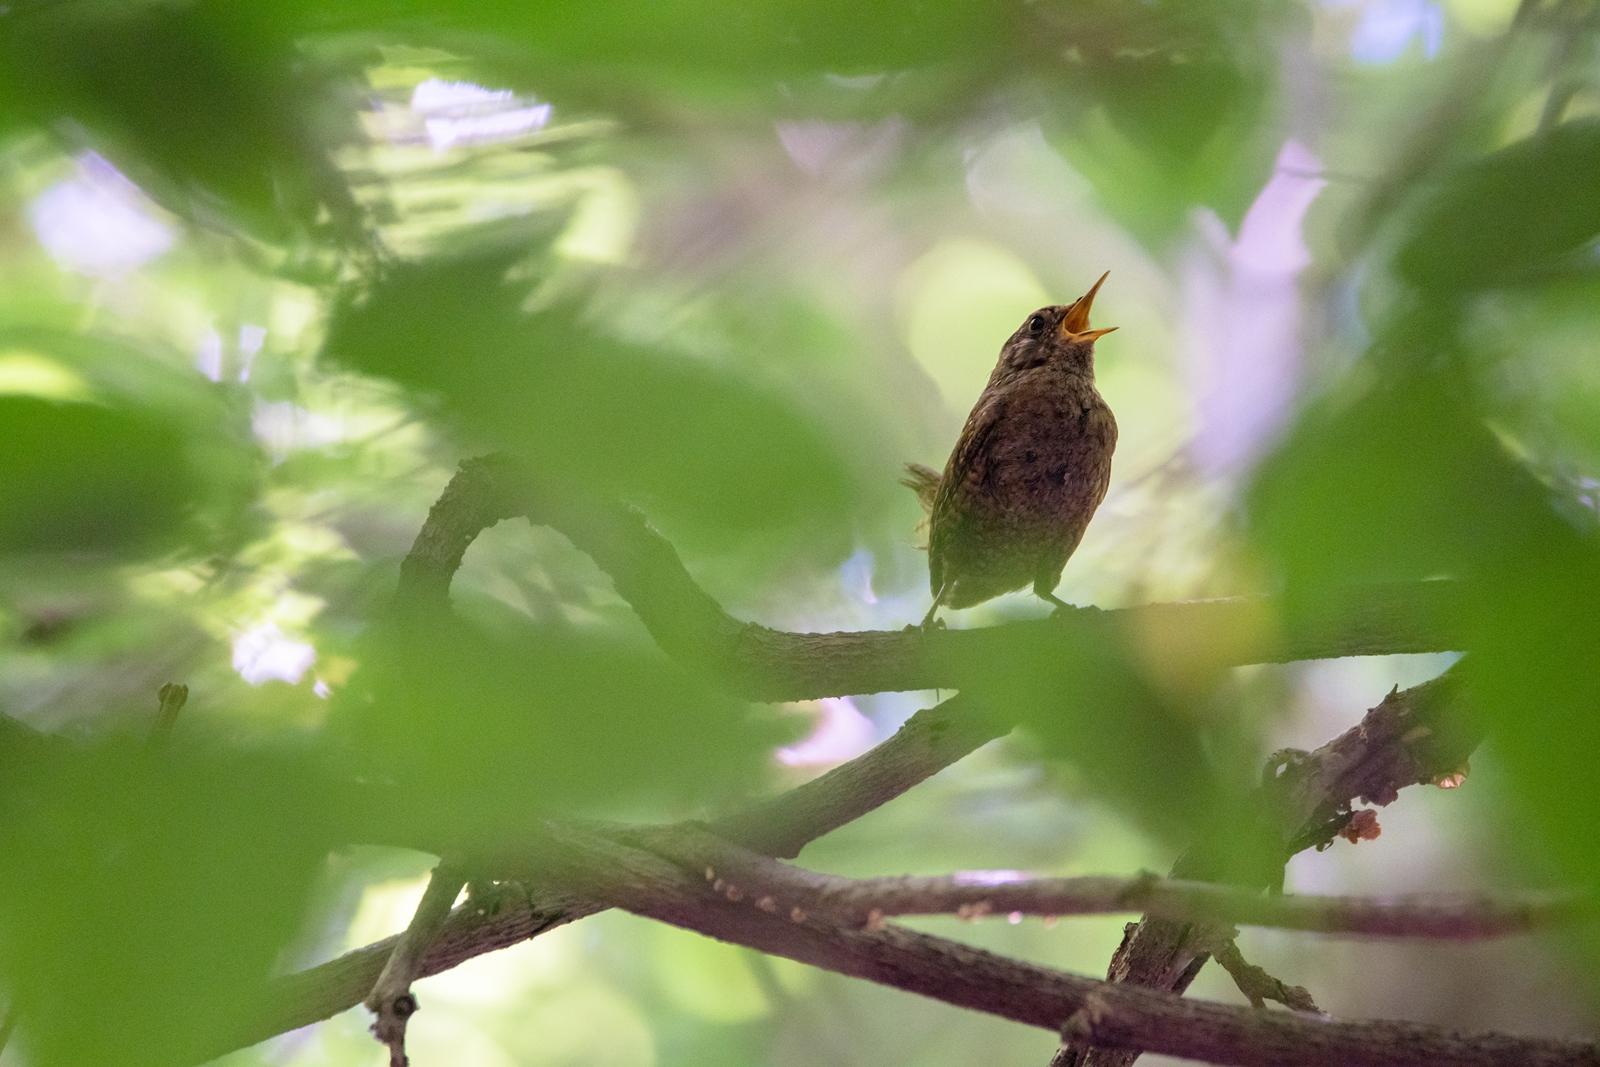 Photo: 「真っ直ぐな歌」 / Pure song.  森の奥の茂みの中から 綺麗な歌が響き渡る 小さな体を震わせて 真っ直ぐな想い 僕はここにいるよ  Eurasian Wren. (ミソサザイ)  Nikon D500 SIGMA 150-600mm F5-6.3 DG OS HSM Contemporary  #birdphotography #birds #kawaii #ことり #小鳥 #nikon #sigma  ( http://takafumiooshio.com/archives/2765 )